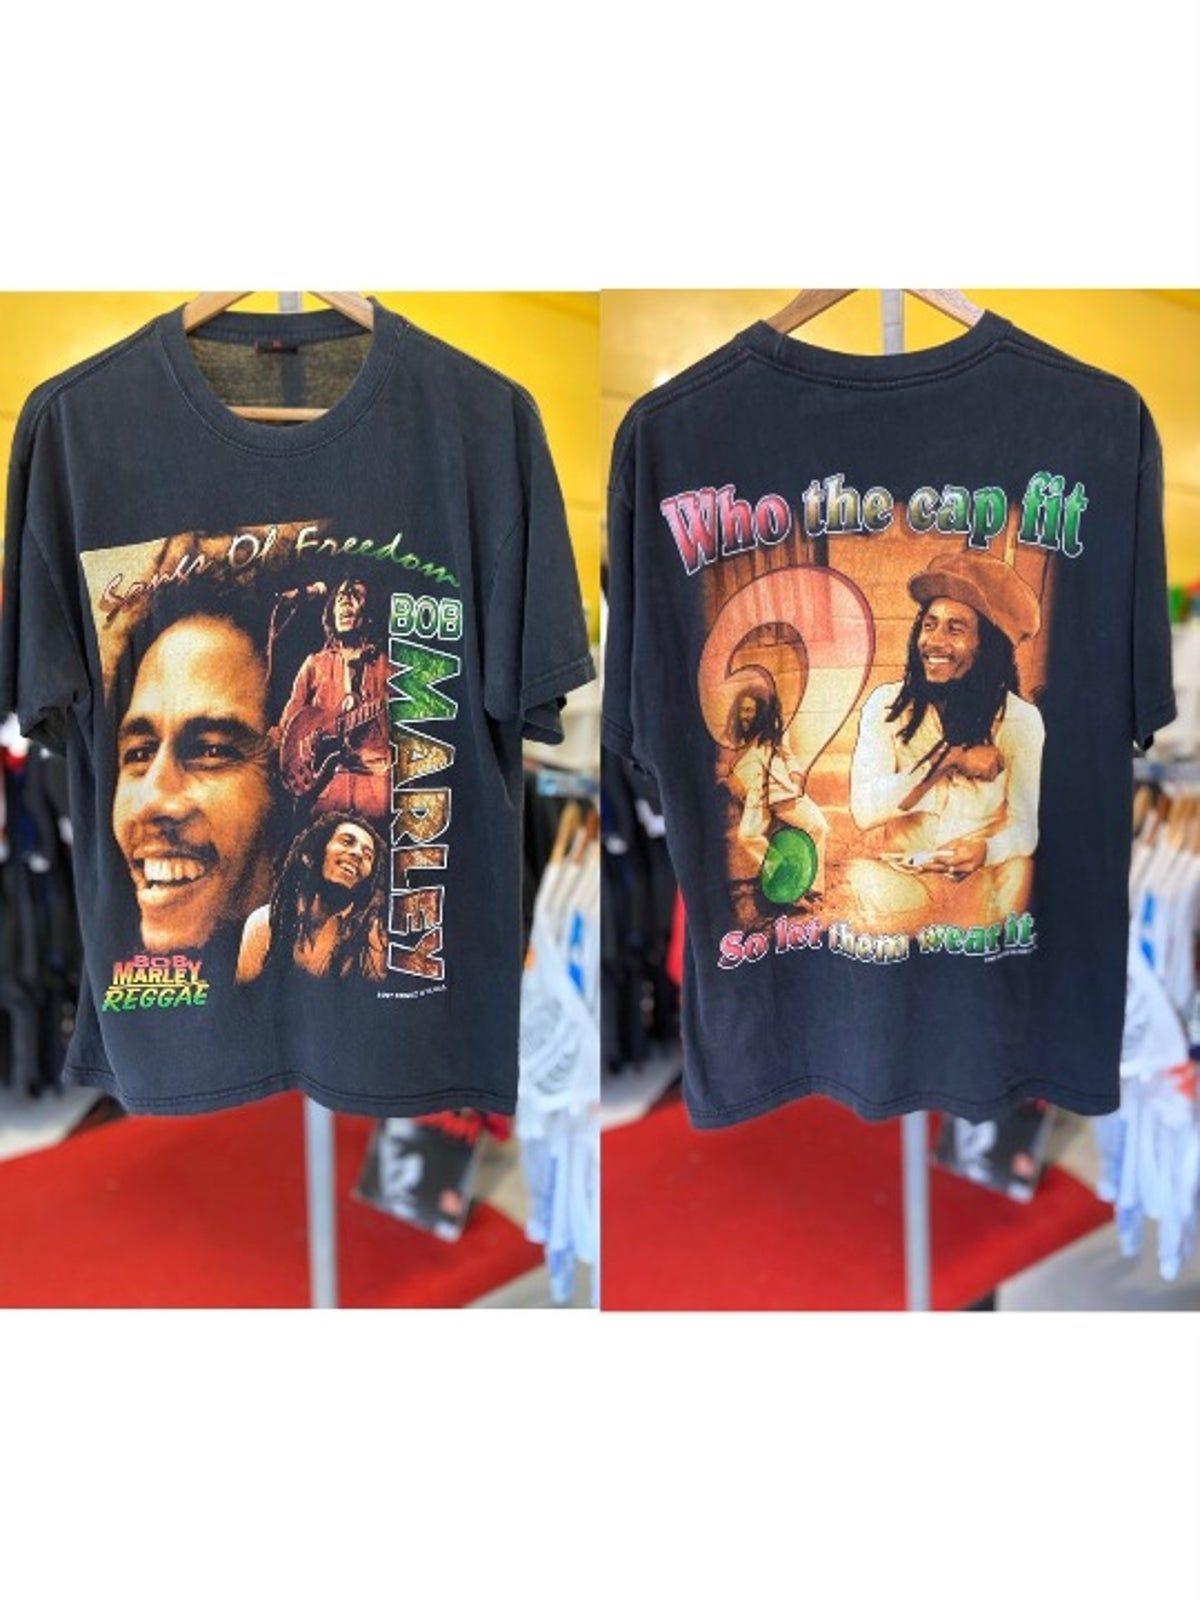 97 Bob Marley Songs Of Freedom Rap Tee Bob Marley Songs Bob Marley Weird Shirts [ 1600 x 1200 Pixel ]